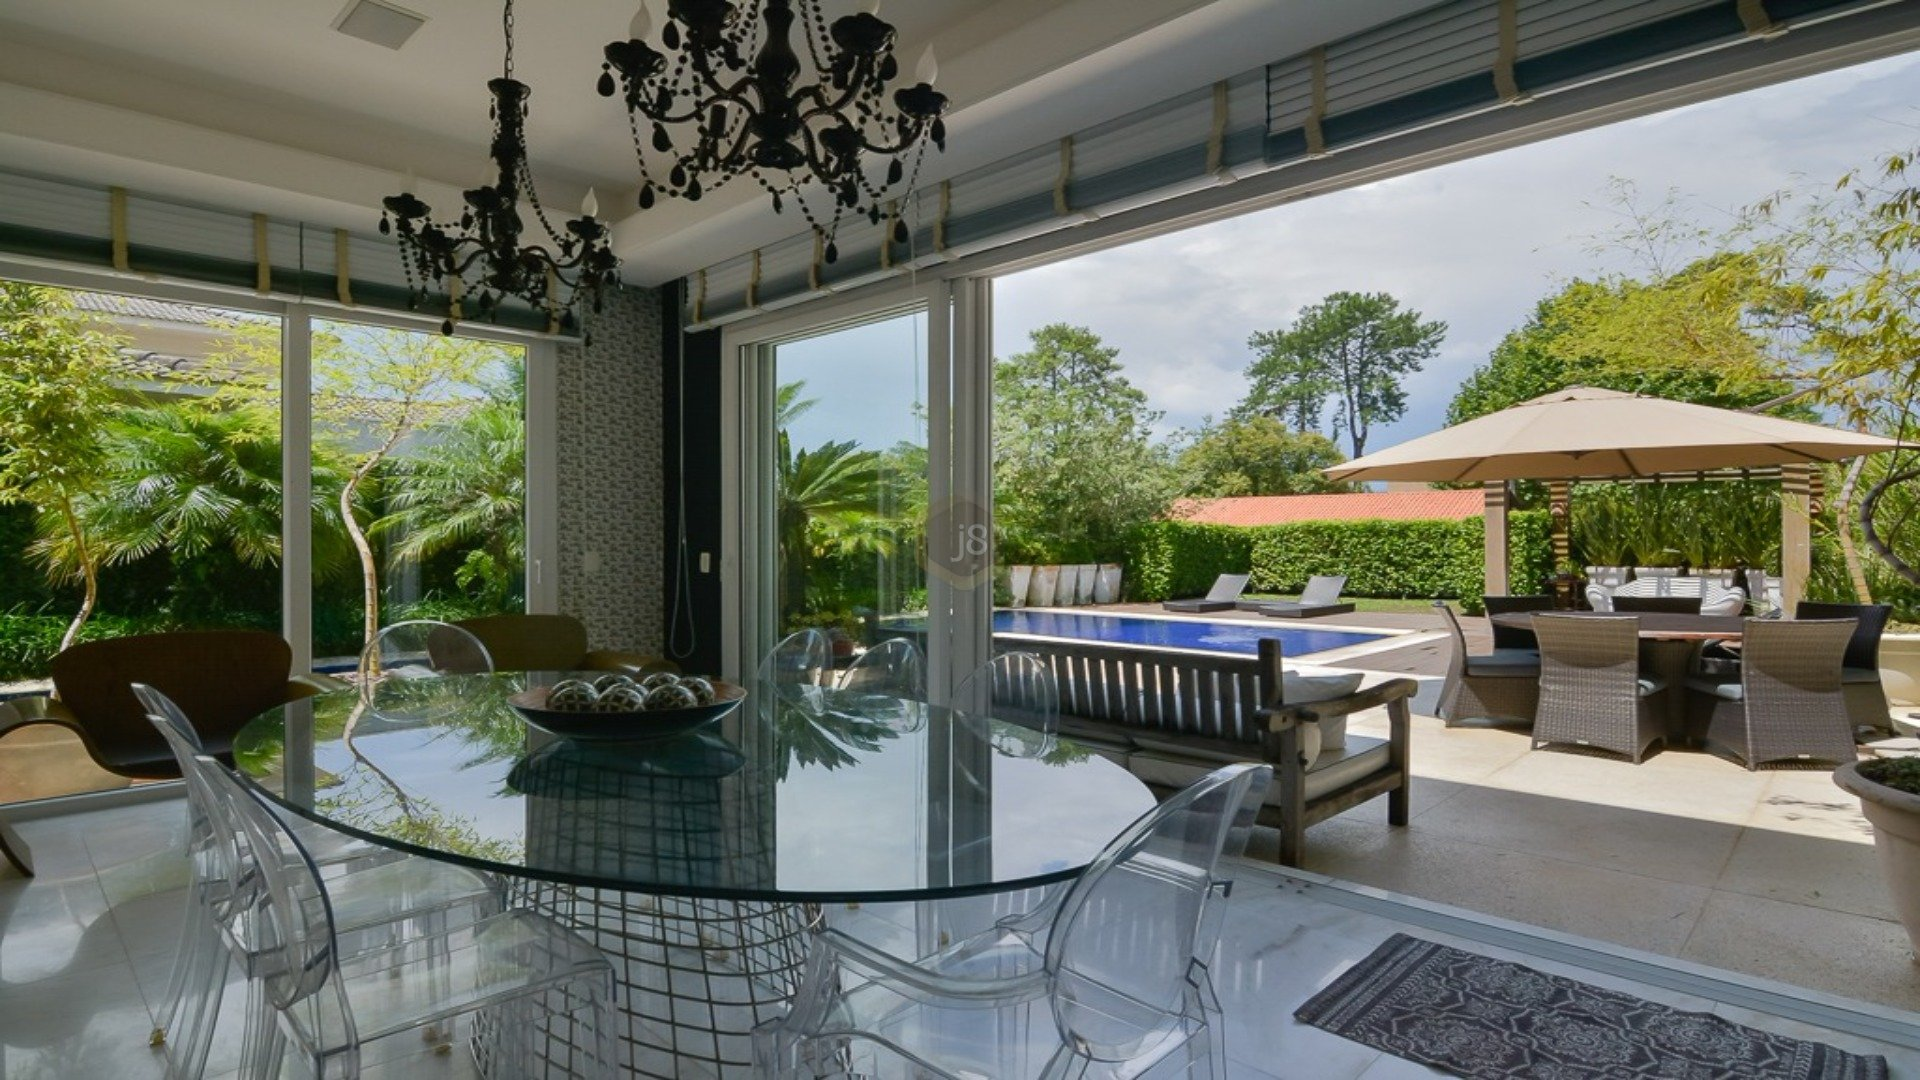 Foto de destaque Casa moderna em exclusivo condominio!